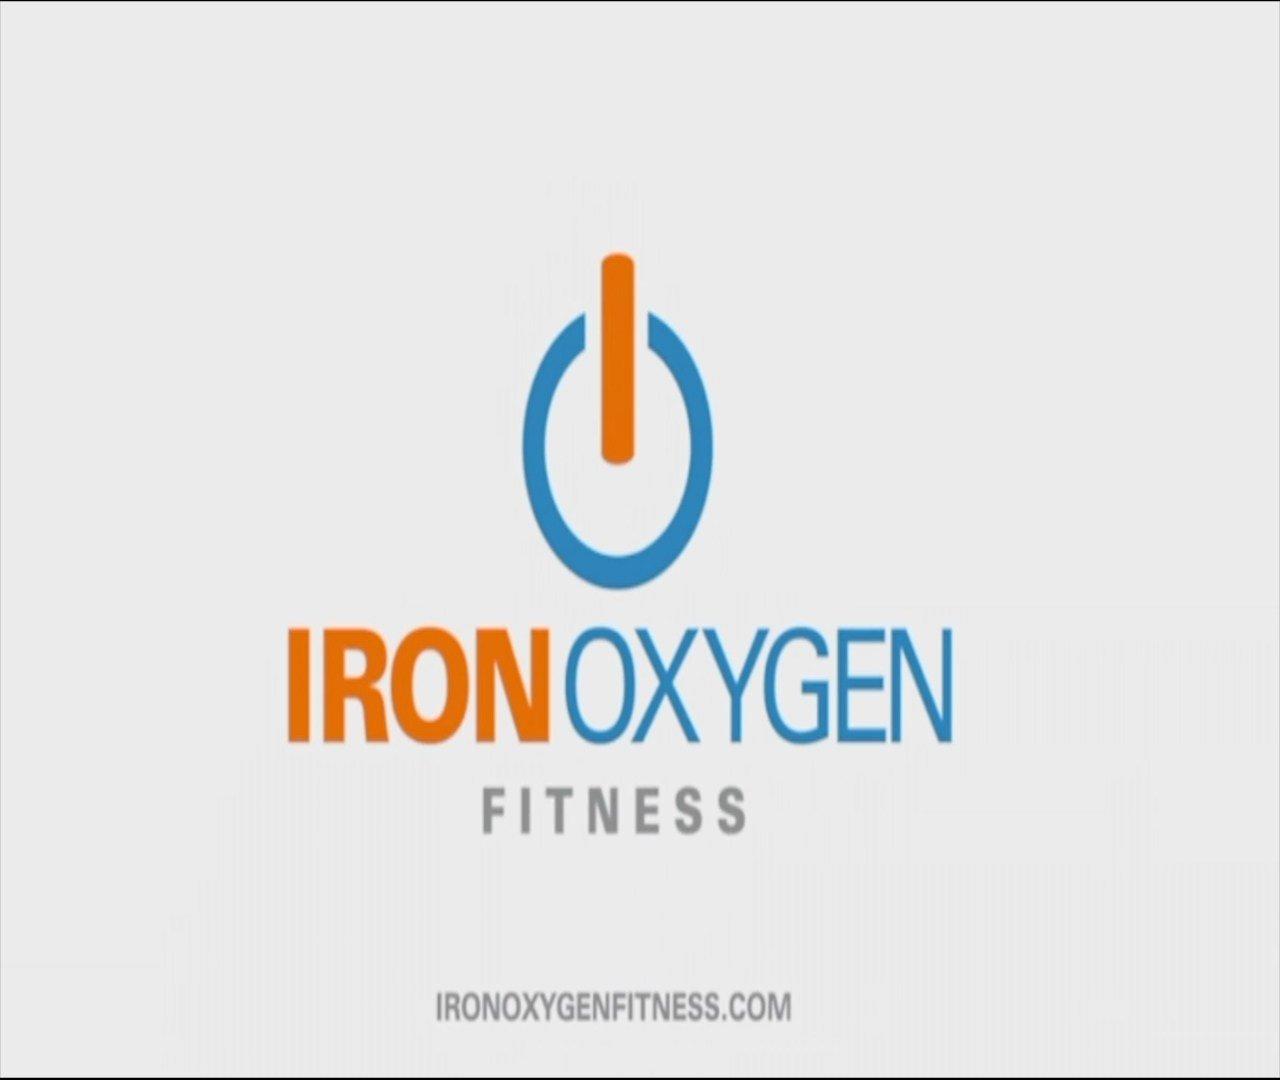 Iron Oxygen Fitness